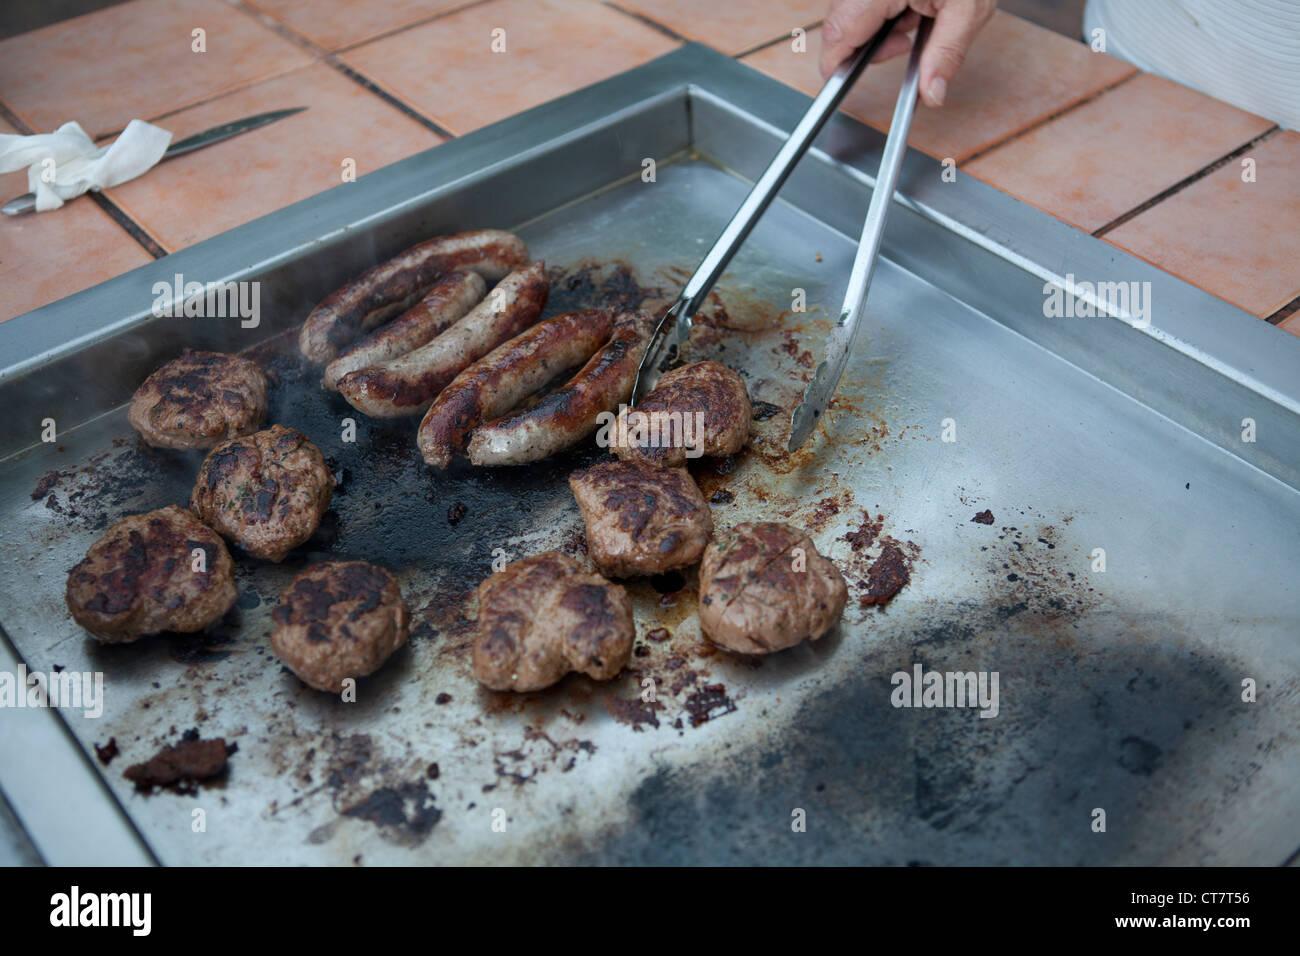 Kochen, Würstchen Und Burger Auf Ein Outdoor BBQ Grill In Western Australia